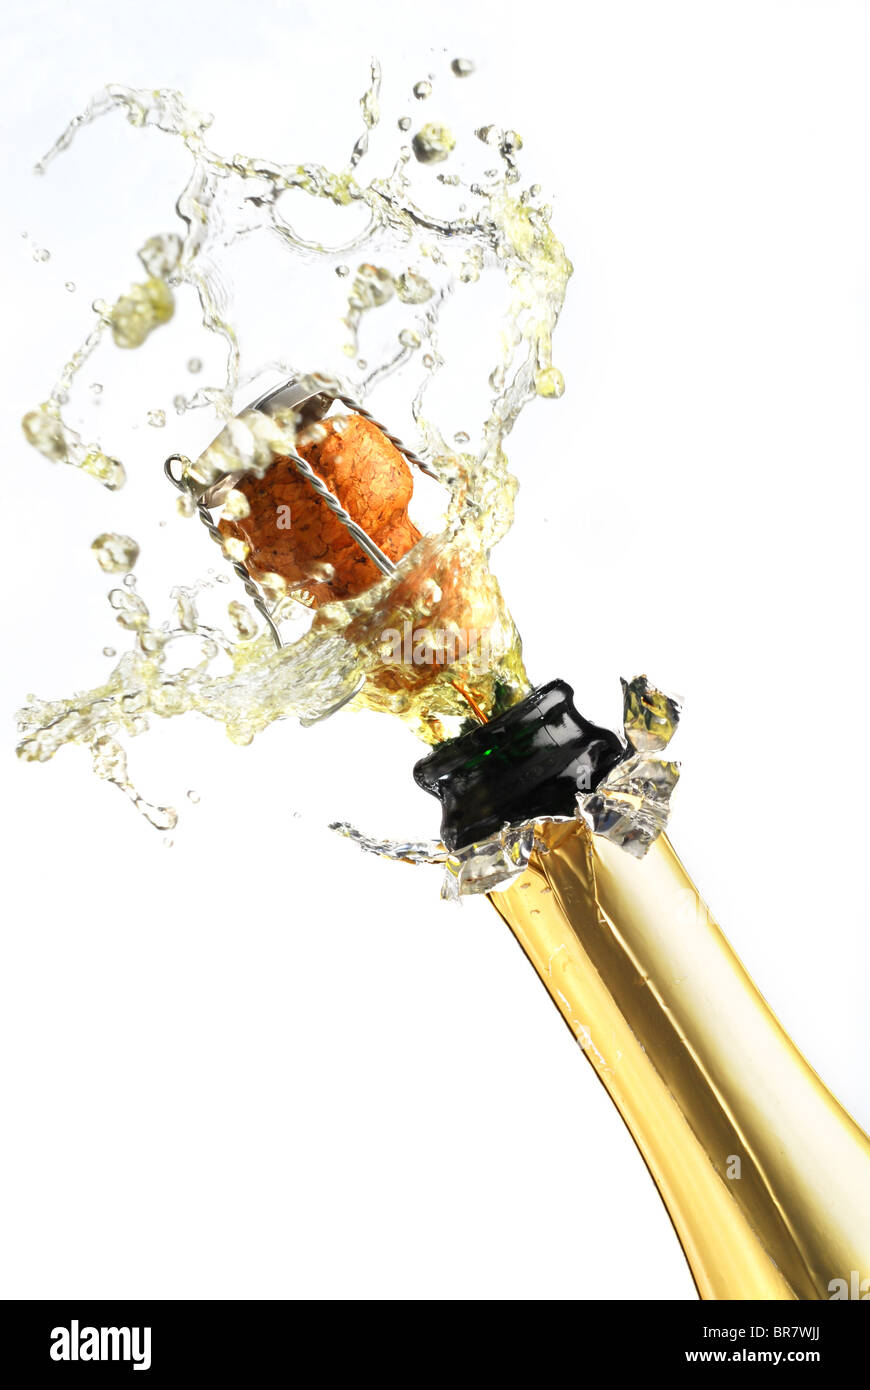 Extreme close-up immagine dell esplosione della bottiglia di champagne cork Immagini Stock